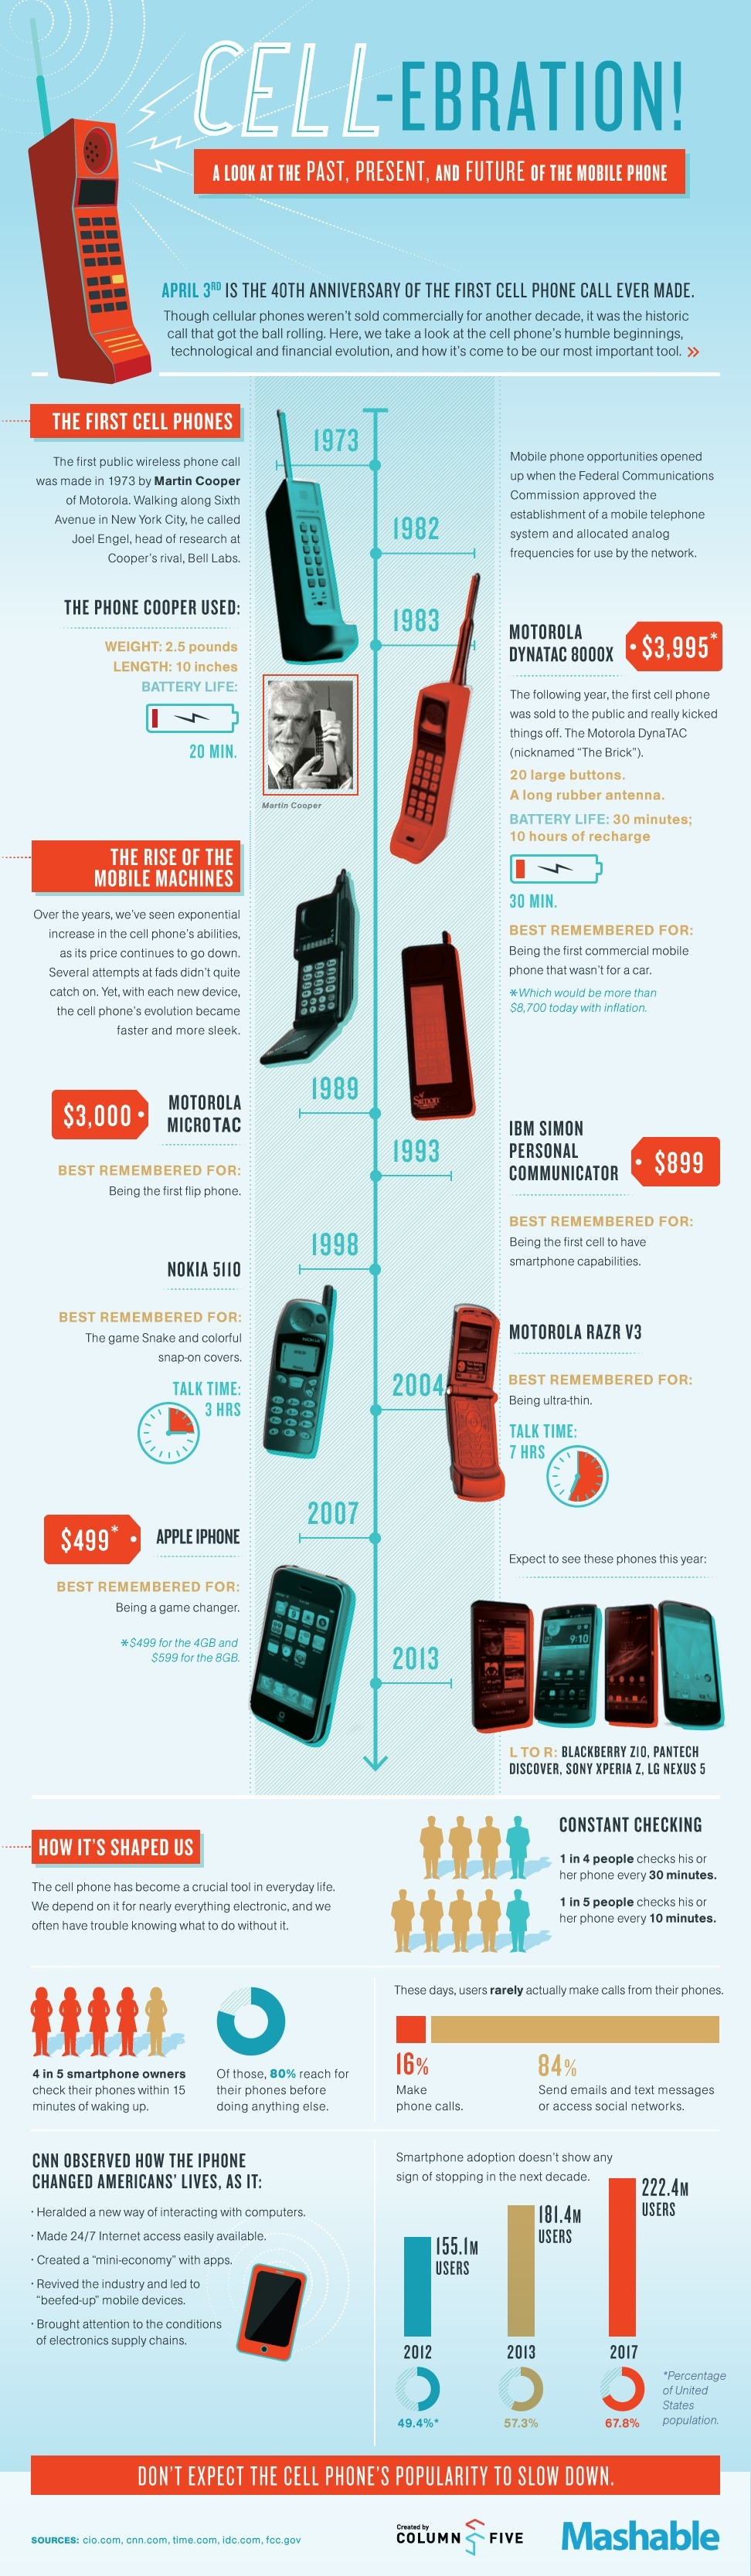 cellphone info